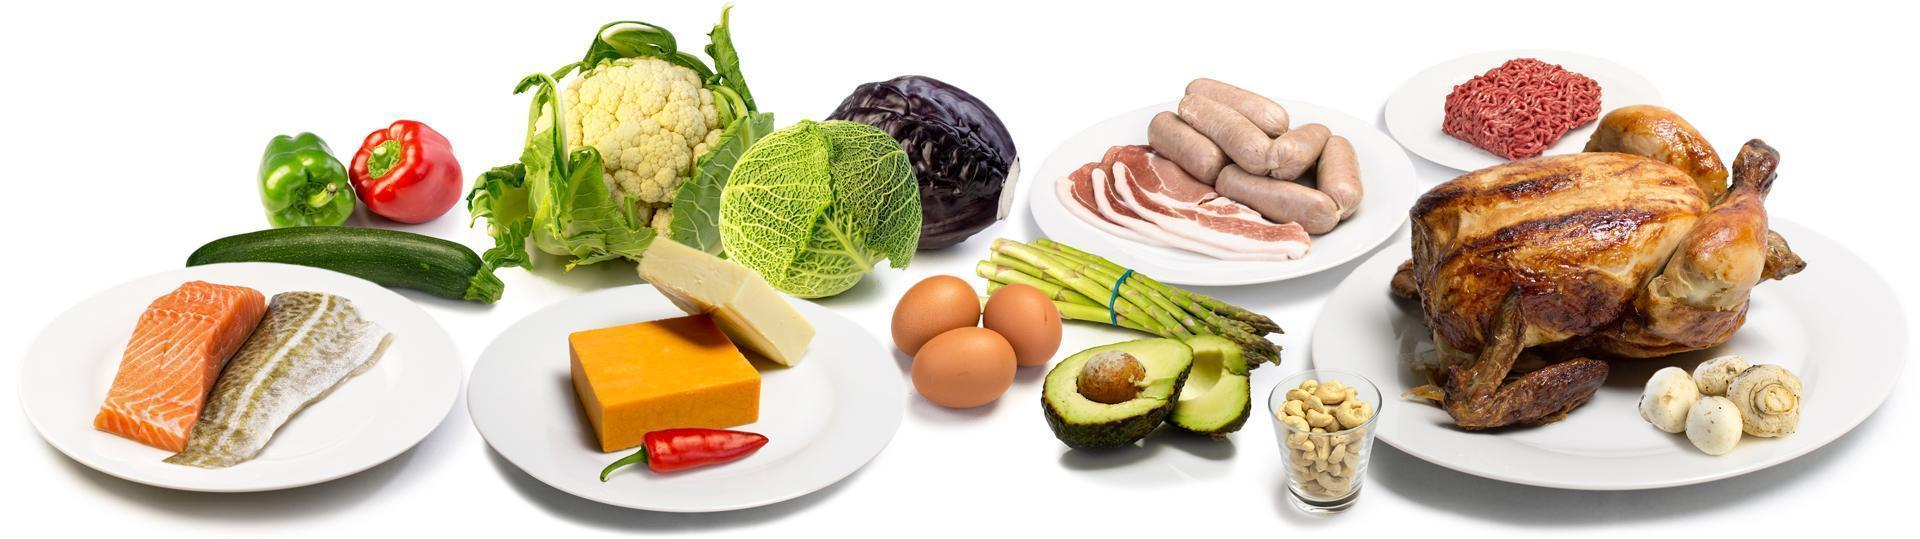 Dieta Low Carb: Como Funciona, Alimentos Permitidos e Recomendações